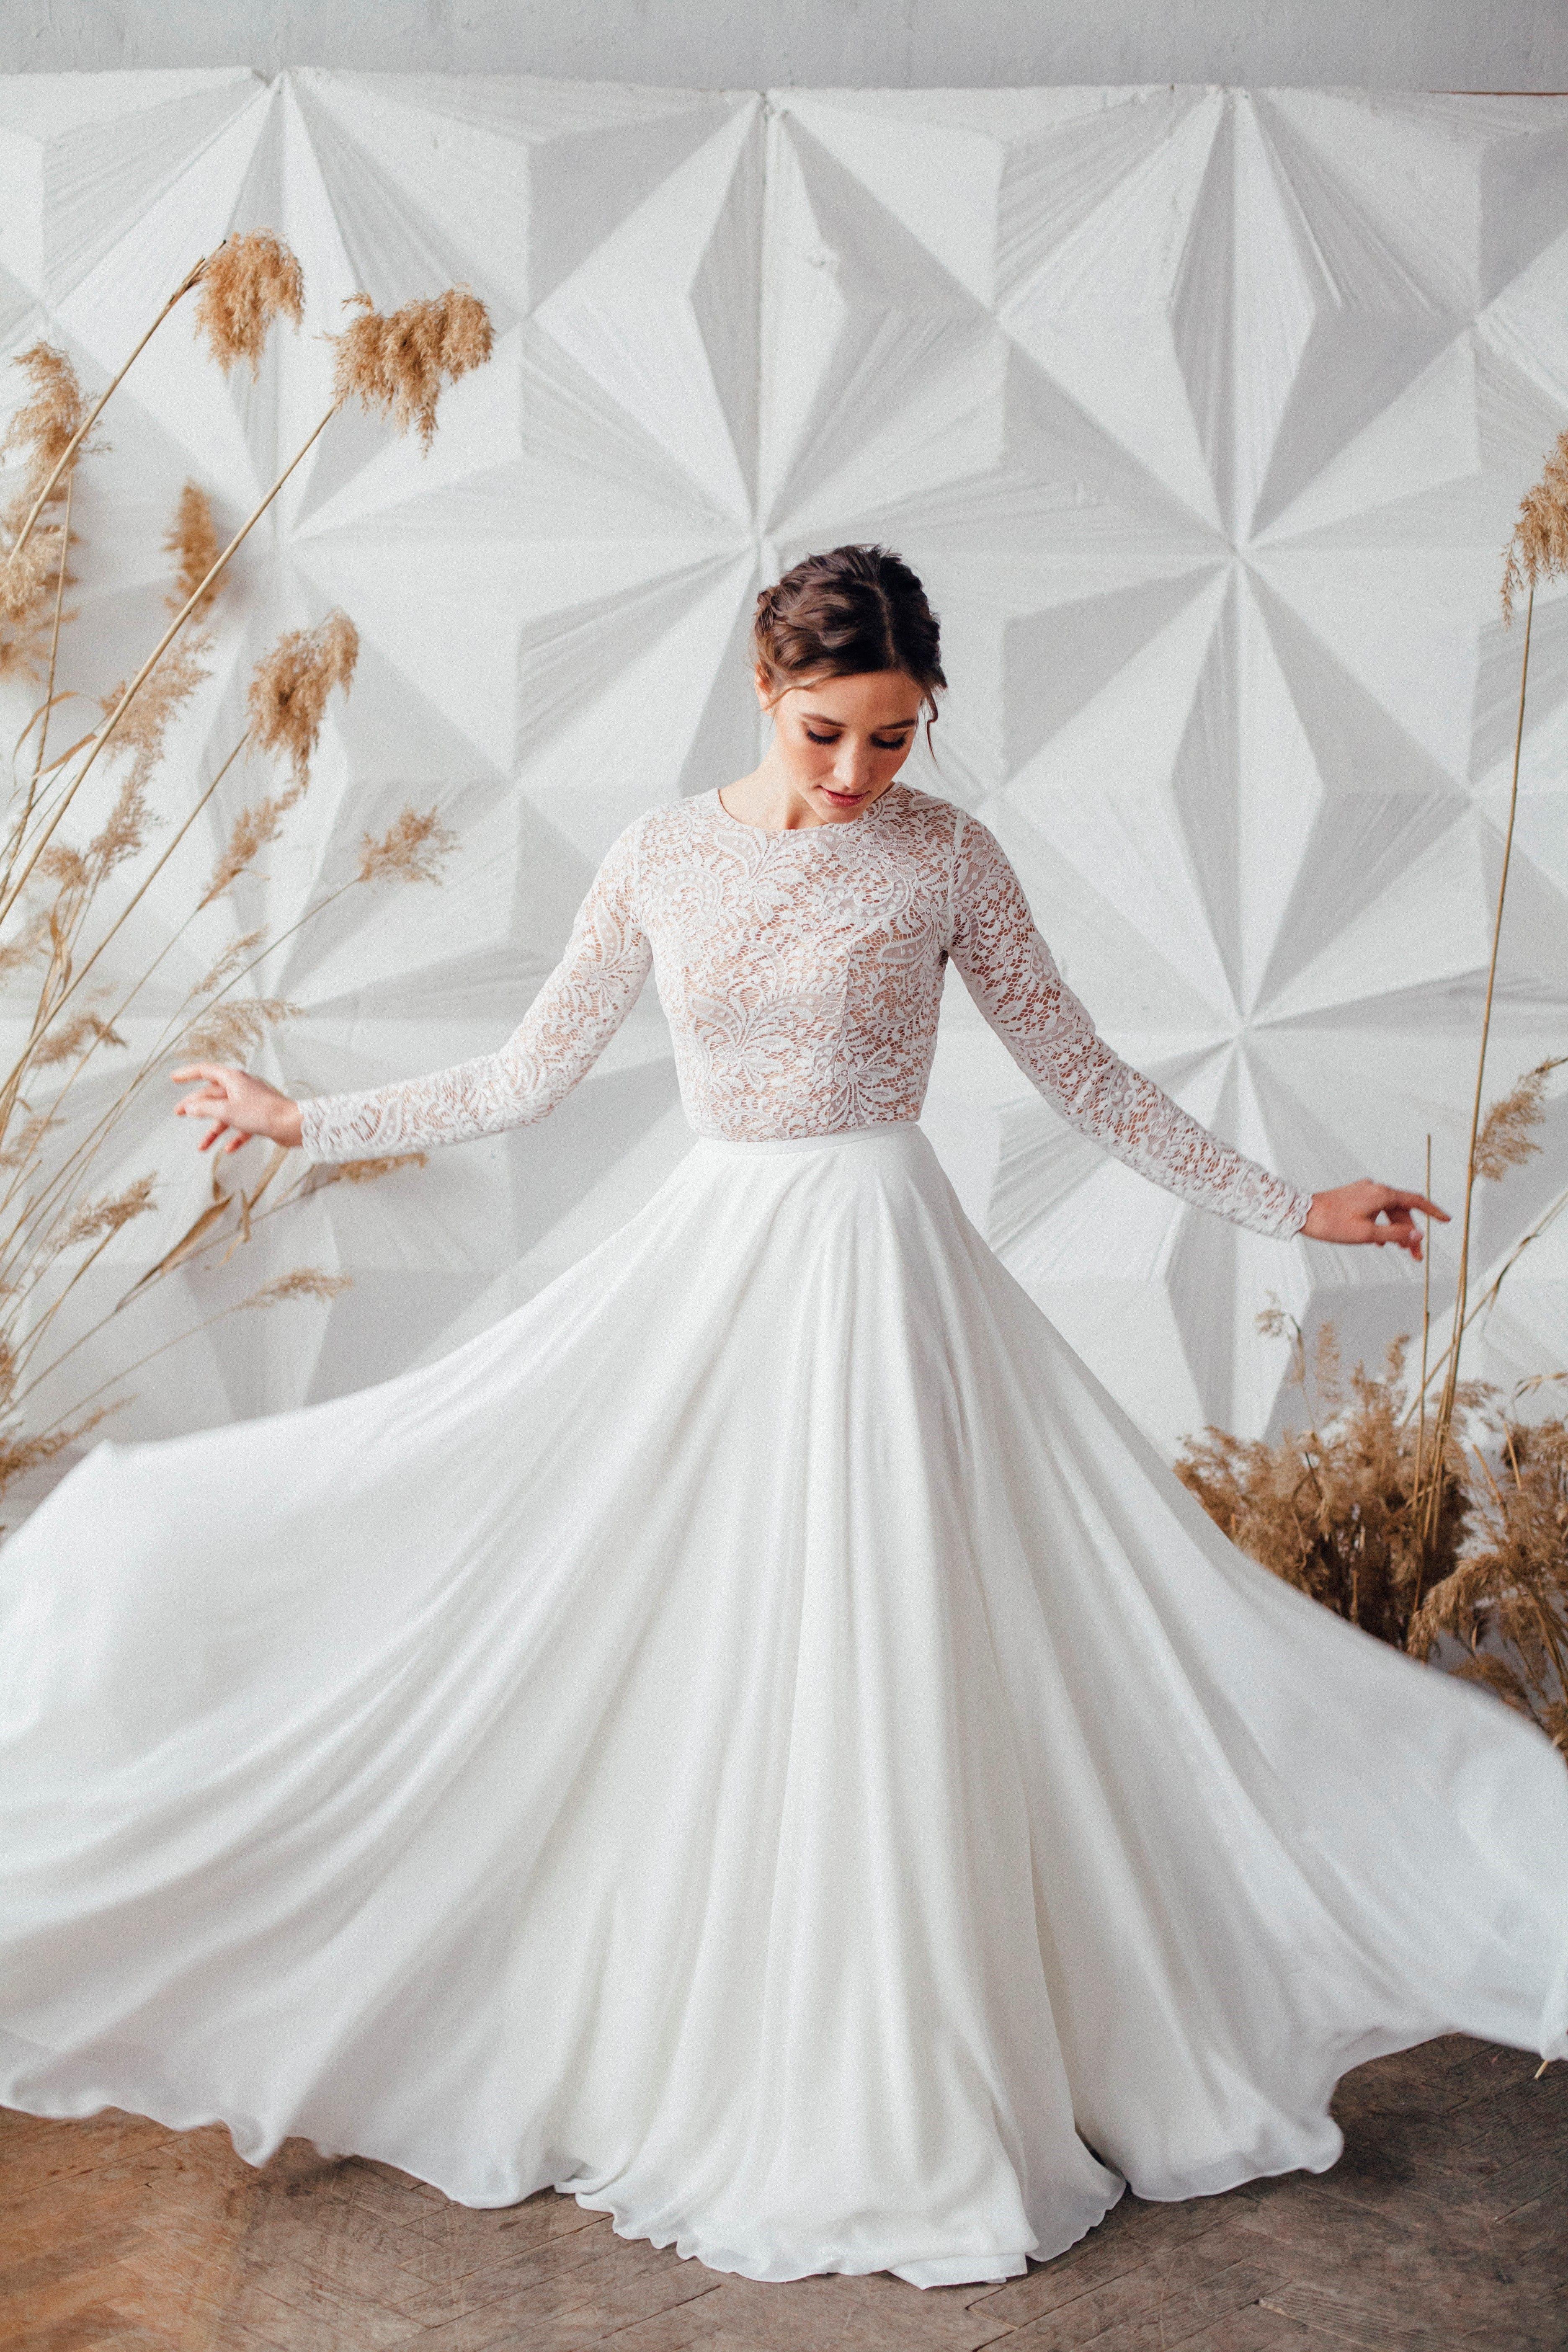 Свадебное платье SYLVIA, коллекция MAGIC OF TENDERNESS, бренд LORA SONG, фото 4